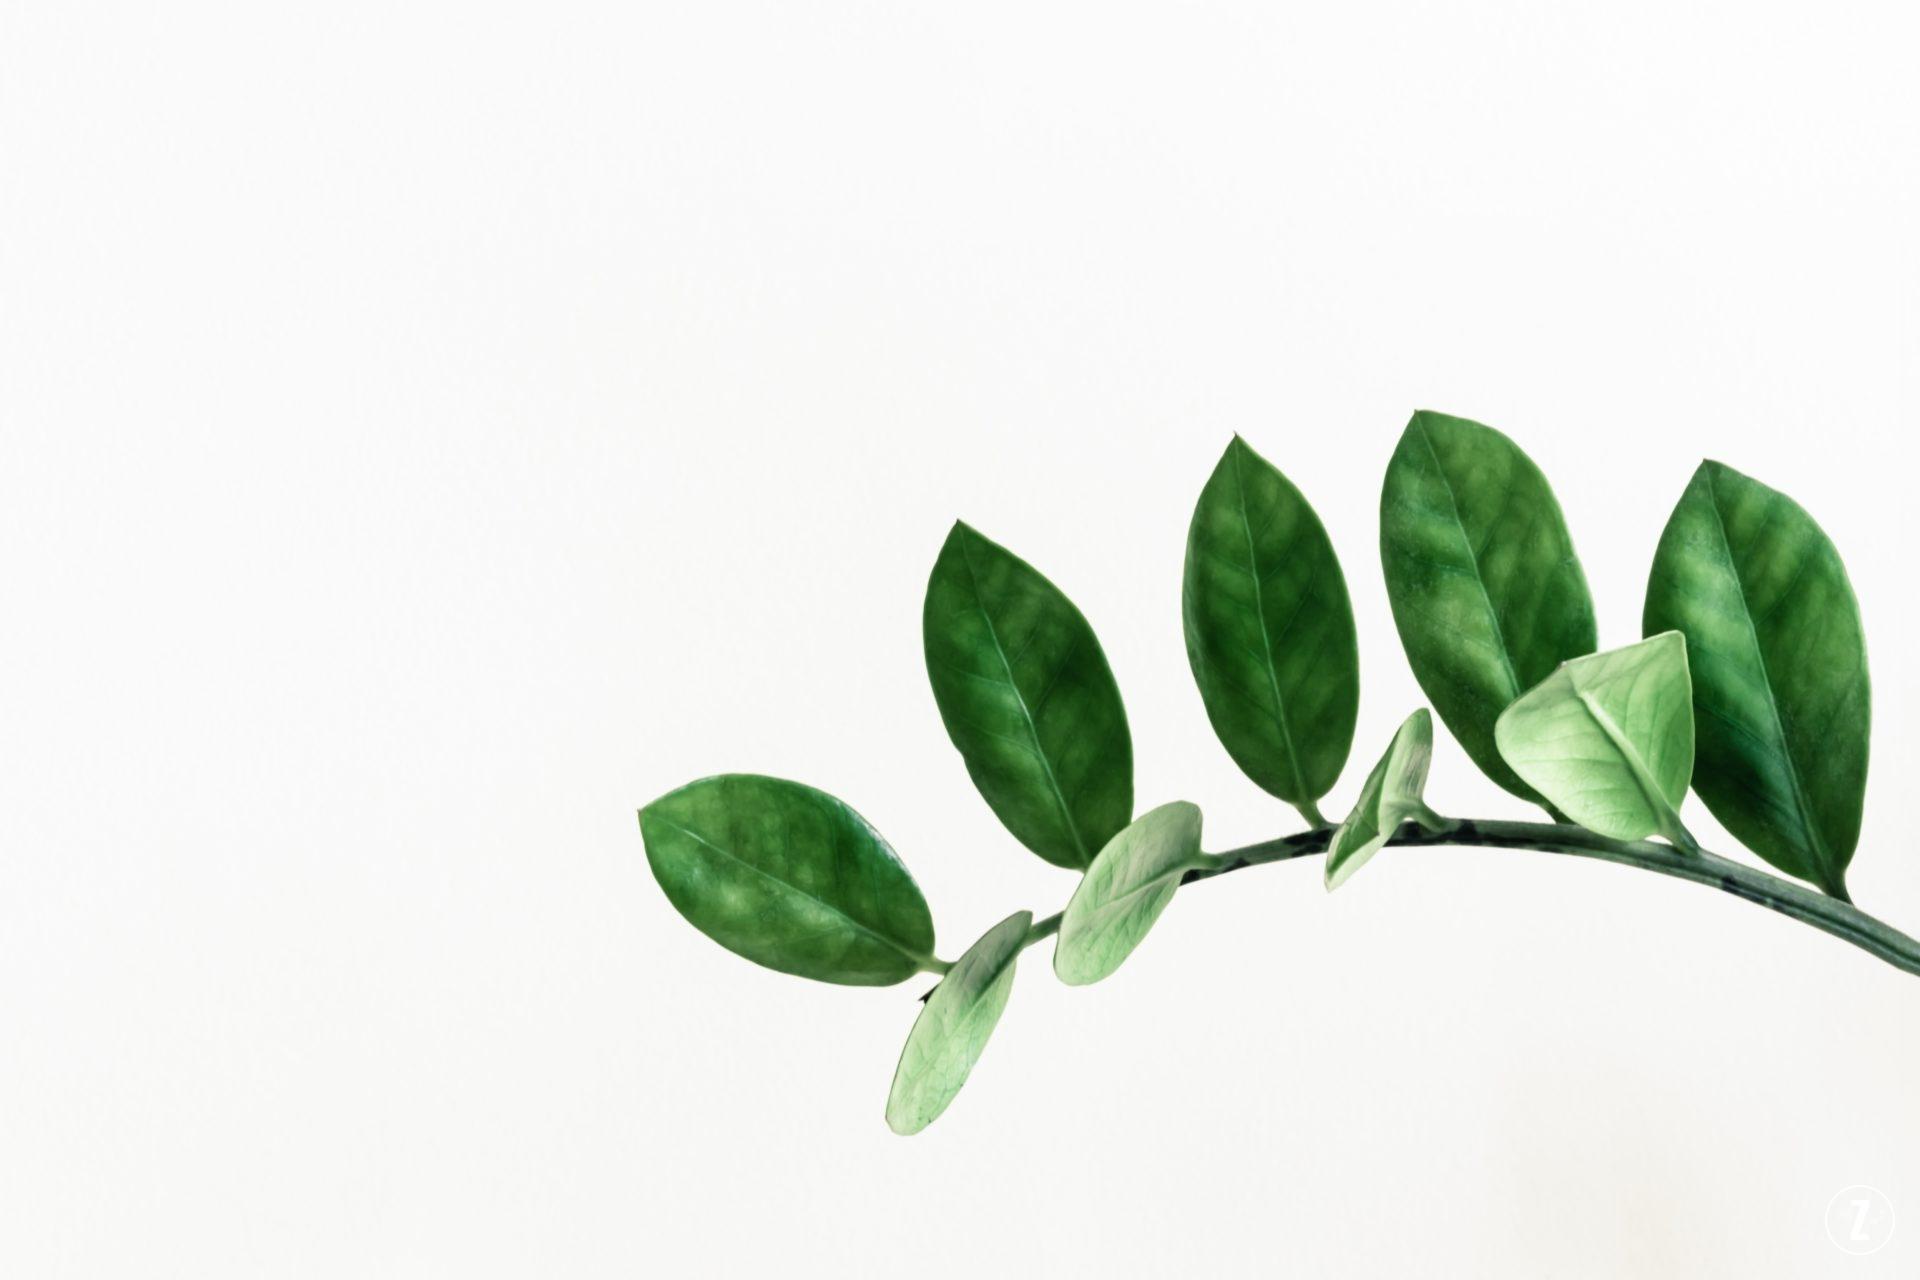 pielęgnacja, podzial klaczy, roslina do biura, roslina trujaca, roslinne porady, rozmnazanie, sadzonki lisciowe, szkodniki, zamioculcas zamiifolia, zamiokulkas zamiolistny, ZZ plant